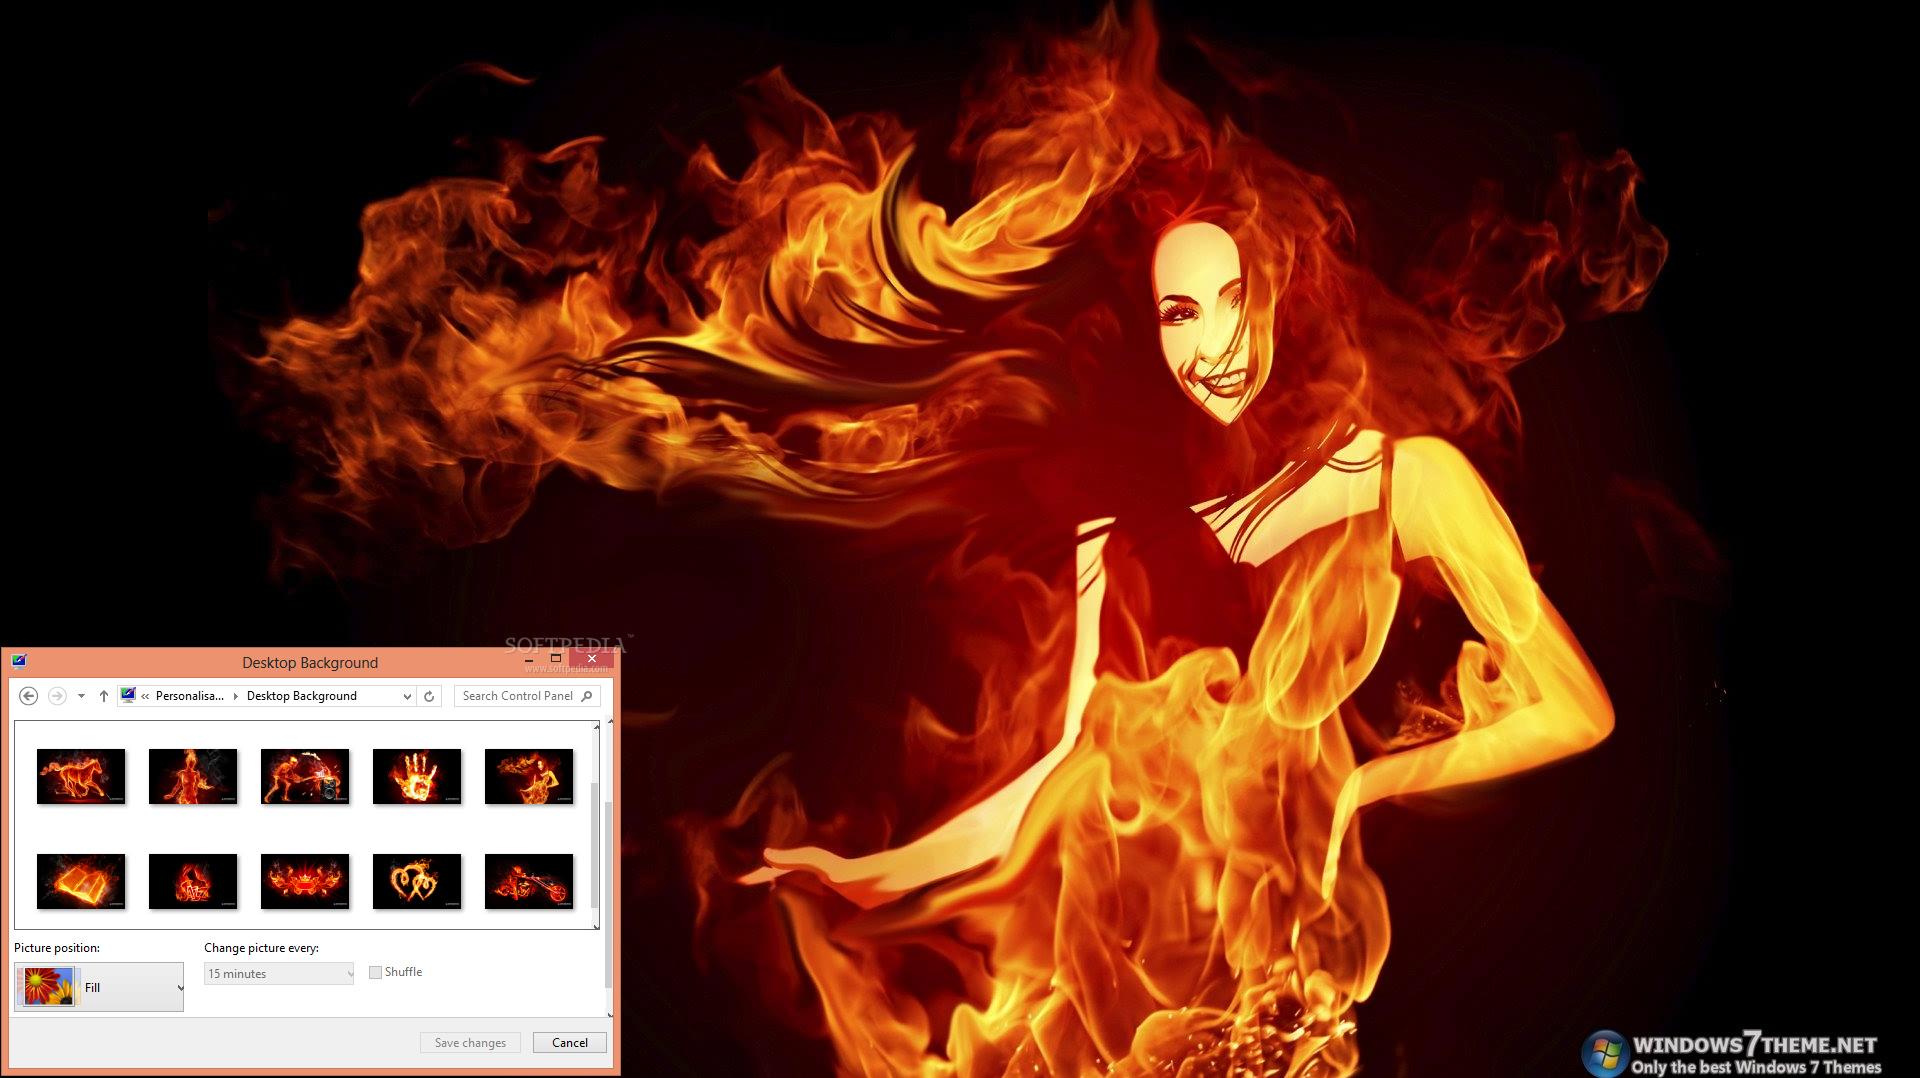 download fiery art windows 7 theme 1 00